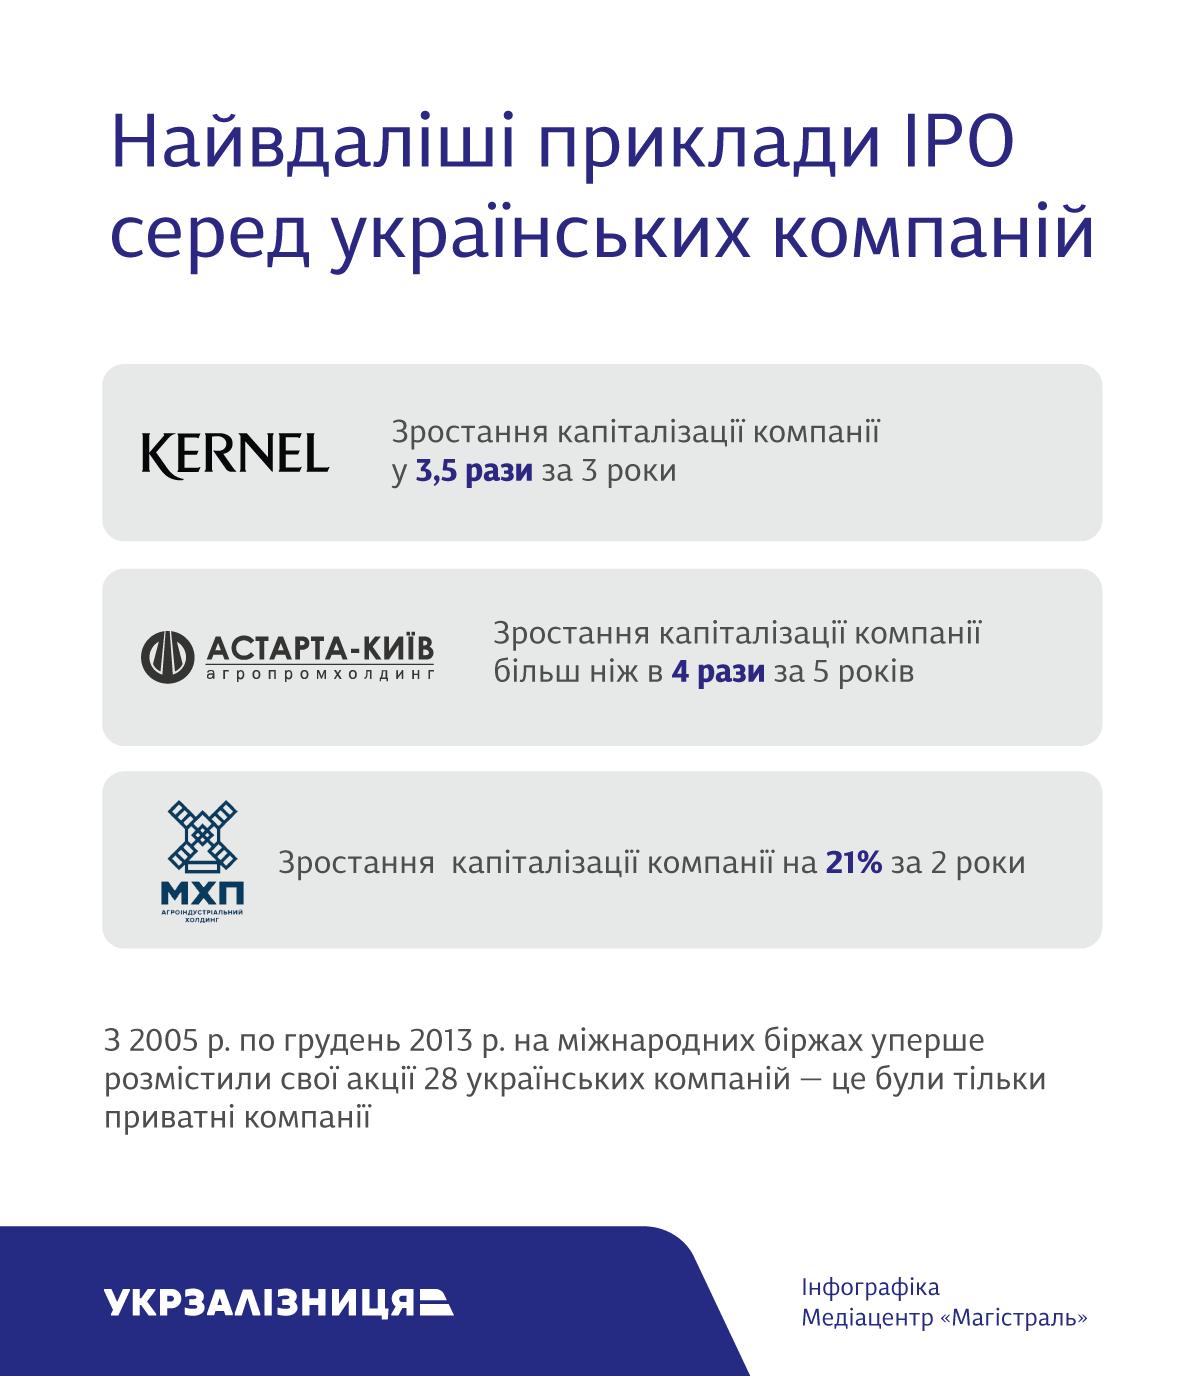 Укрзалізниця IPO_3